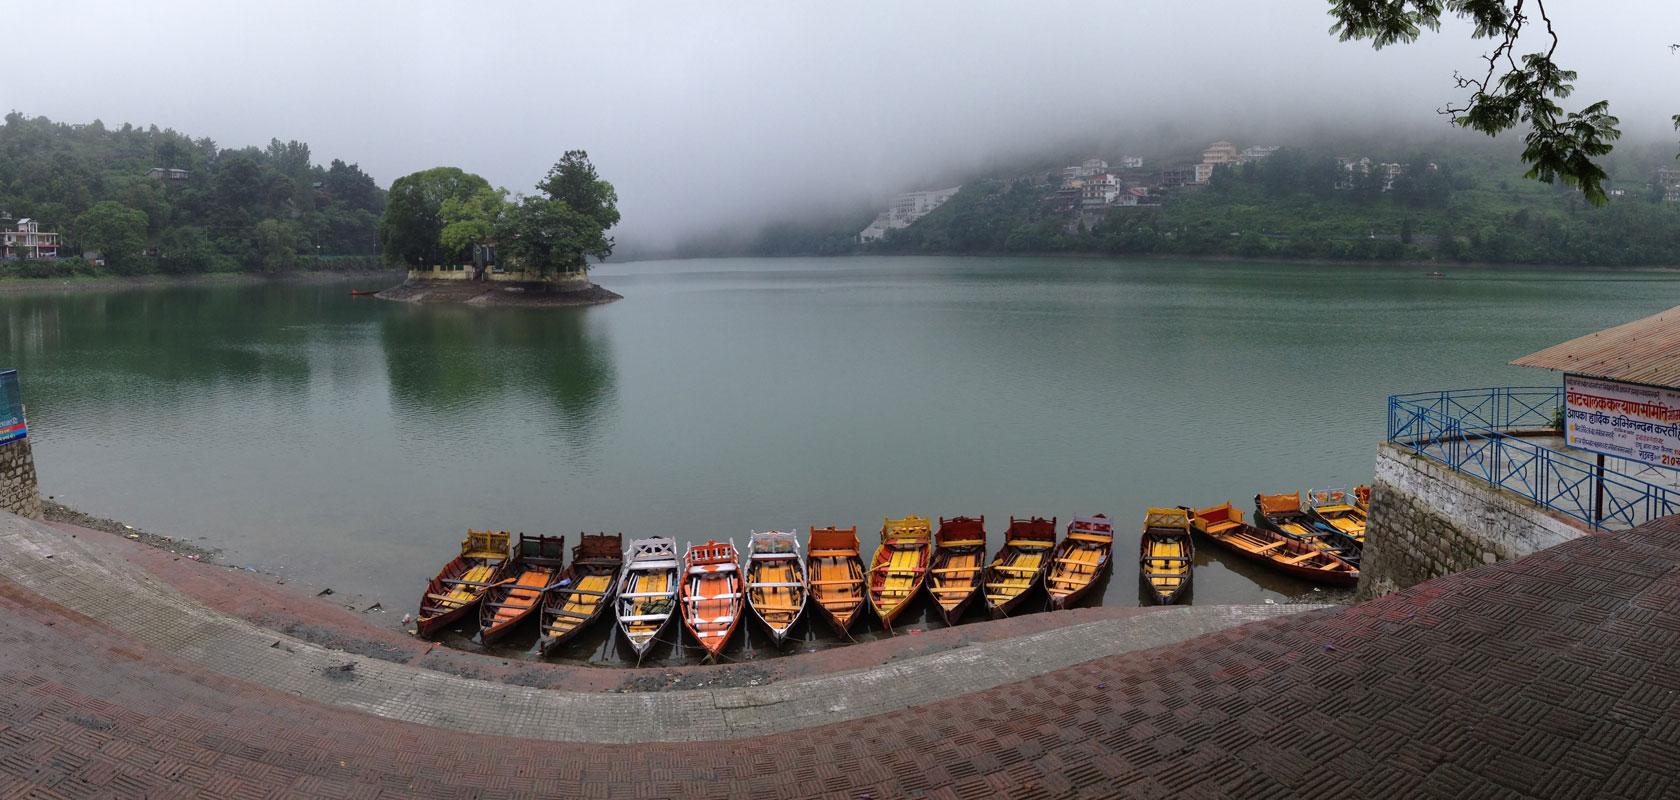 Nainital to Gain Incredible Experiences